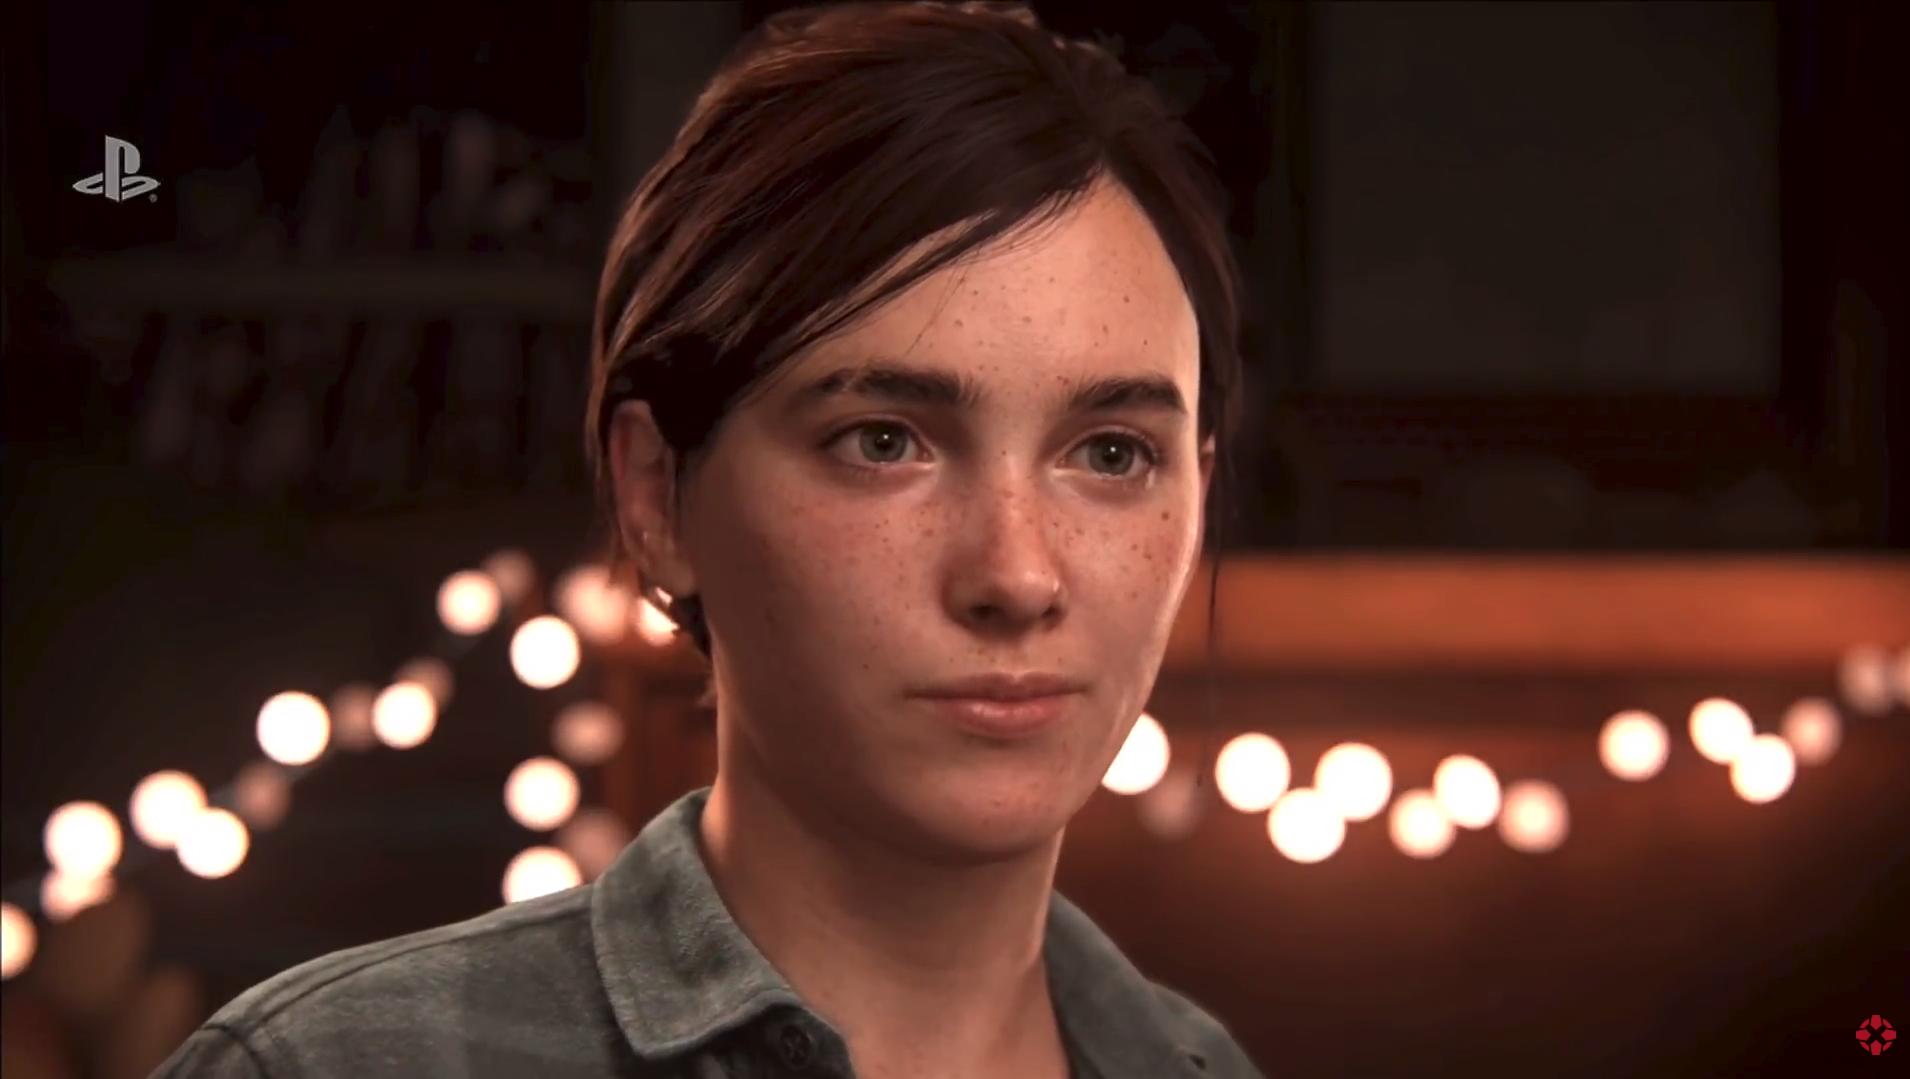 صحبتهای جدید Naughty Dog در رابطه با بازی The Last Of Us Part 2